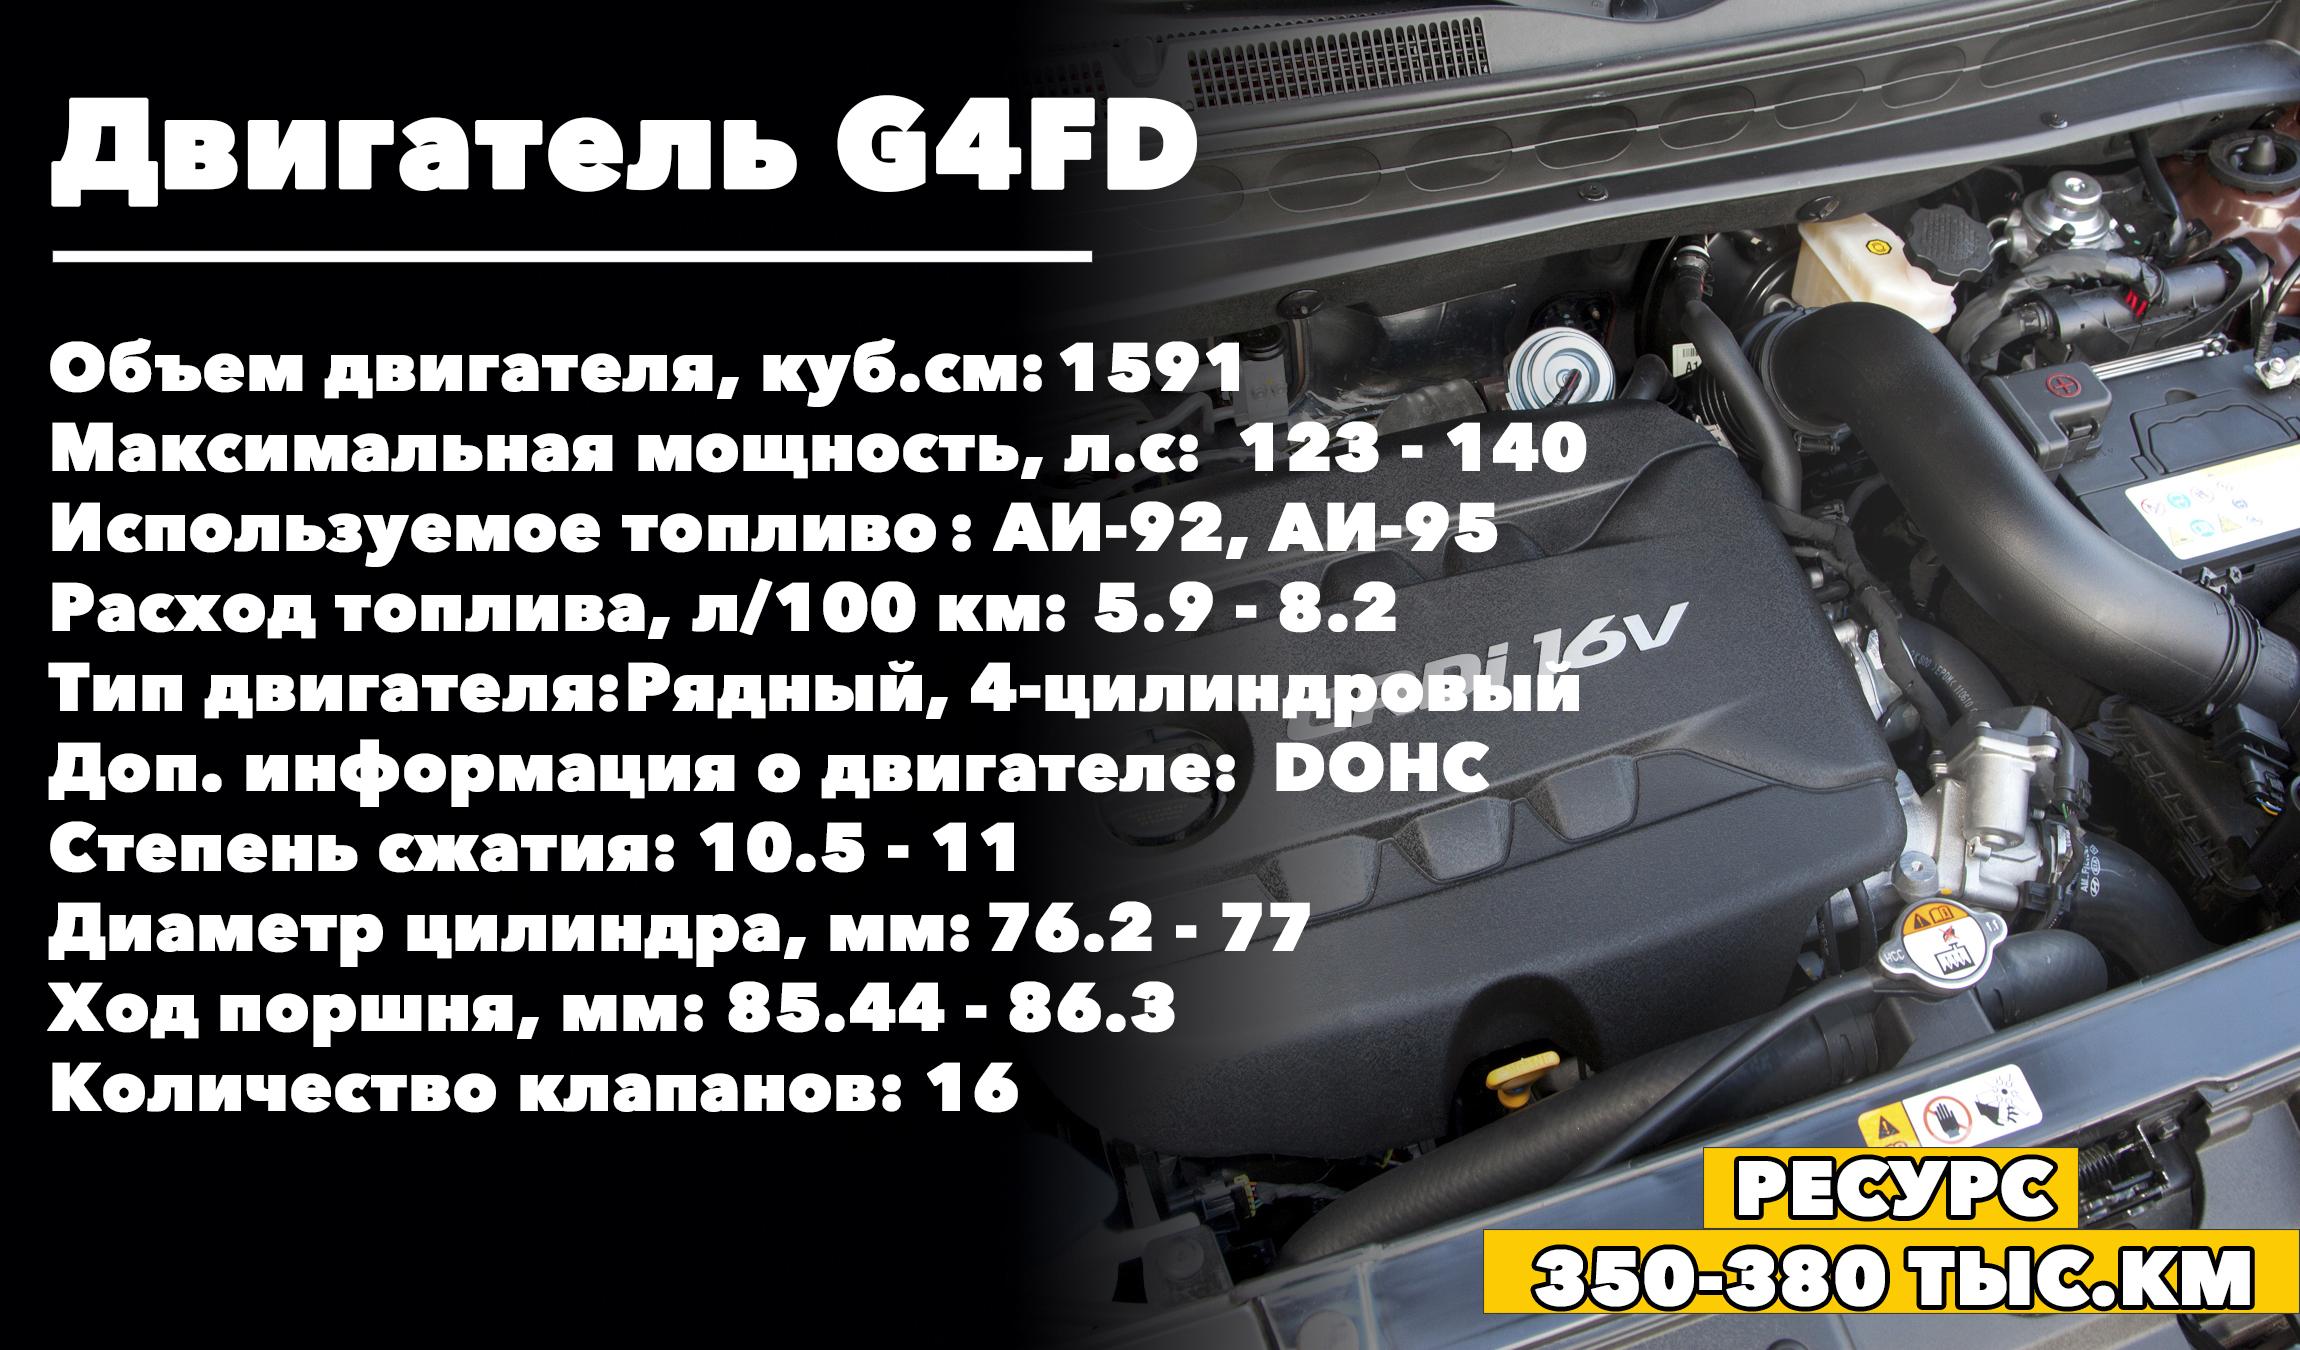 Сколько ходит бензиновый двигатель G4FD